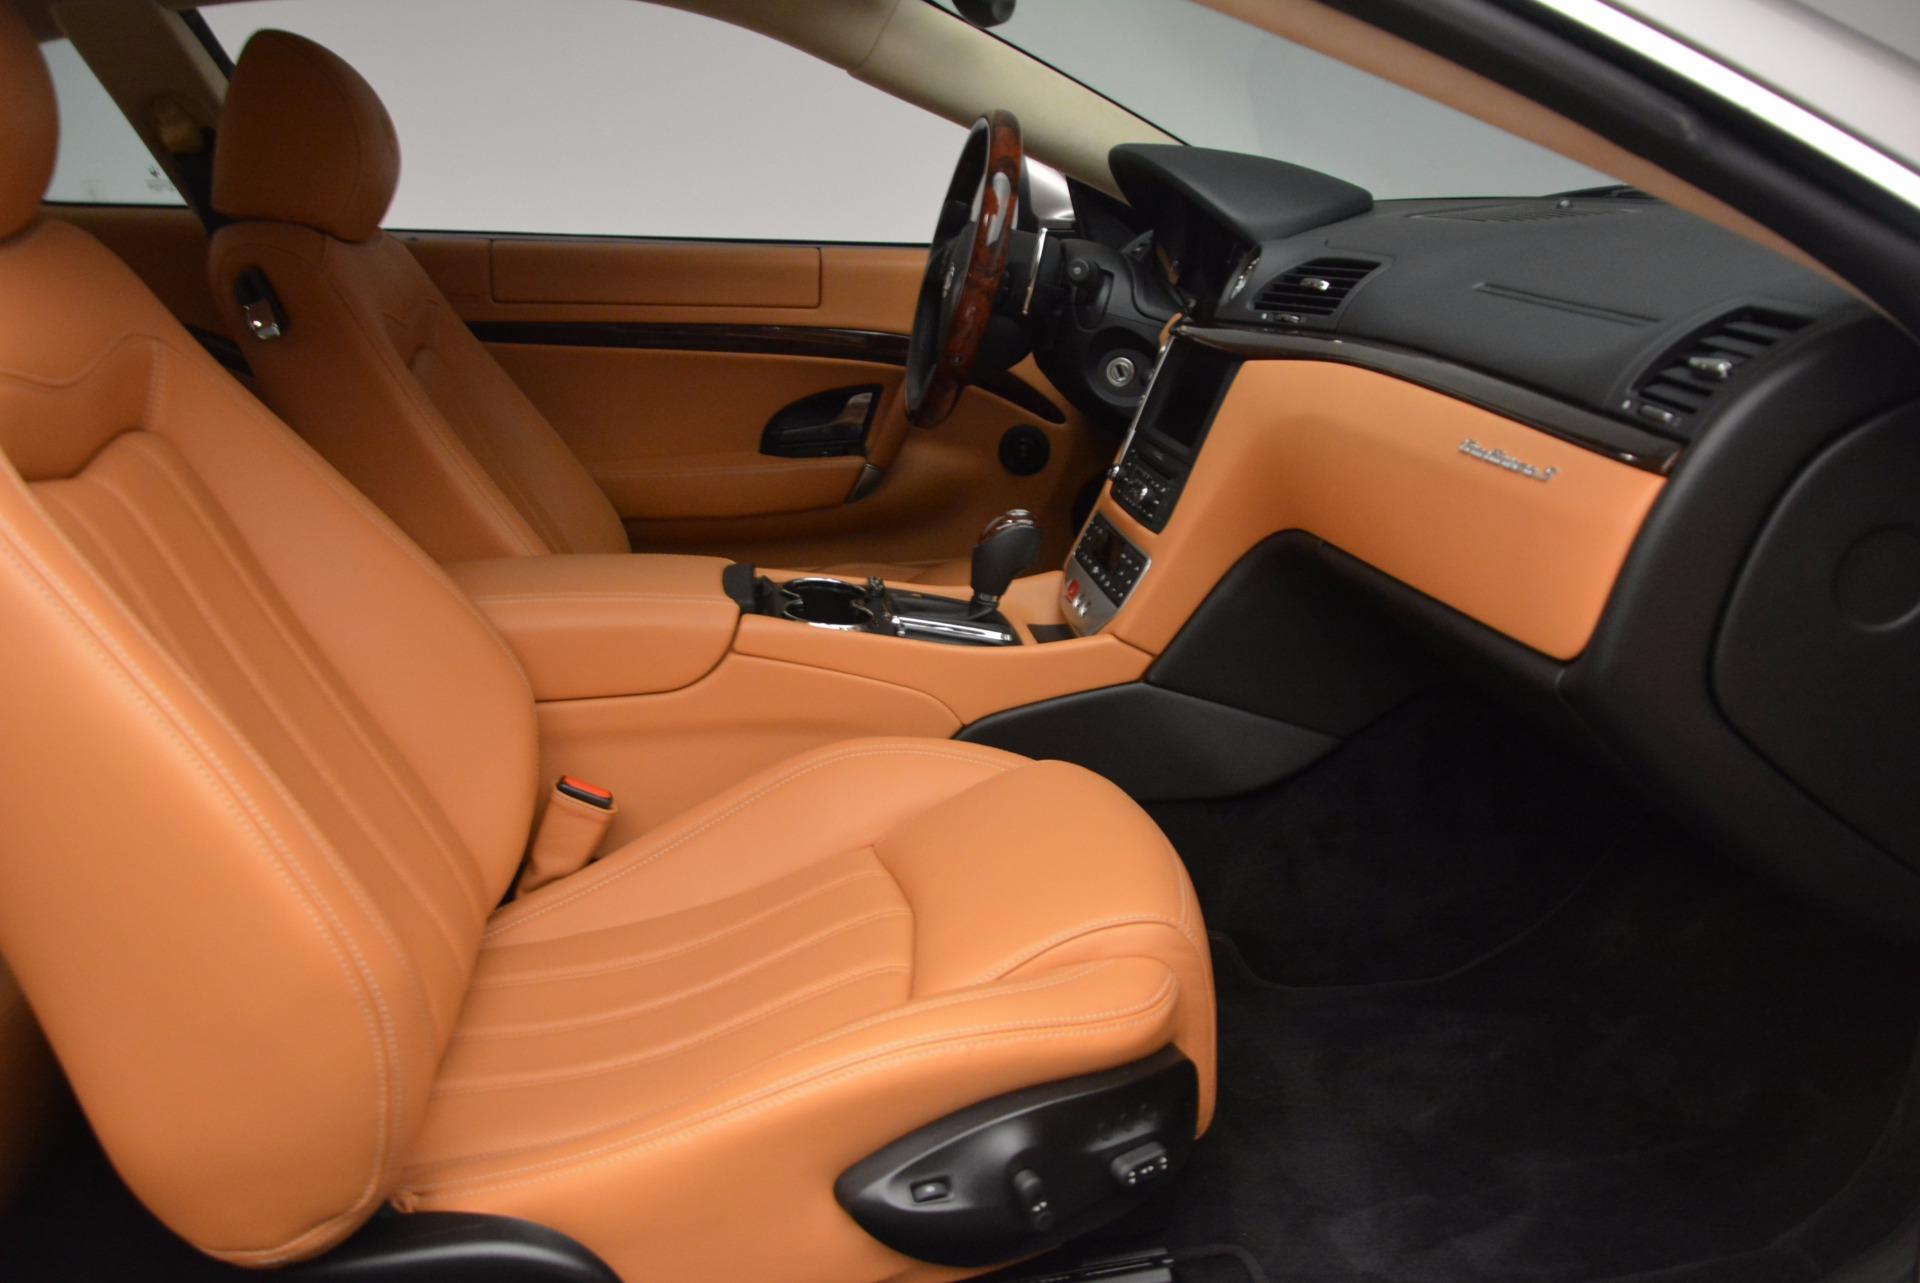 Used 2009 Maserati GranTurismo S For Sale In Greenwich, CT 1063_p18